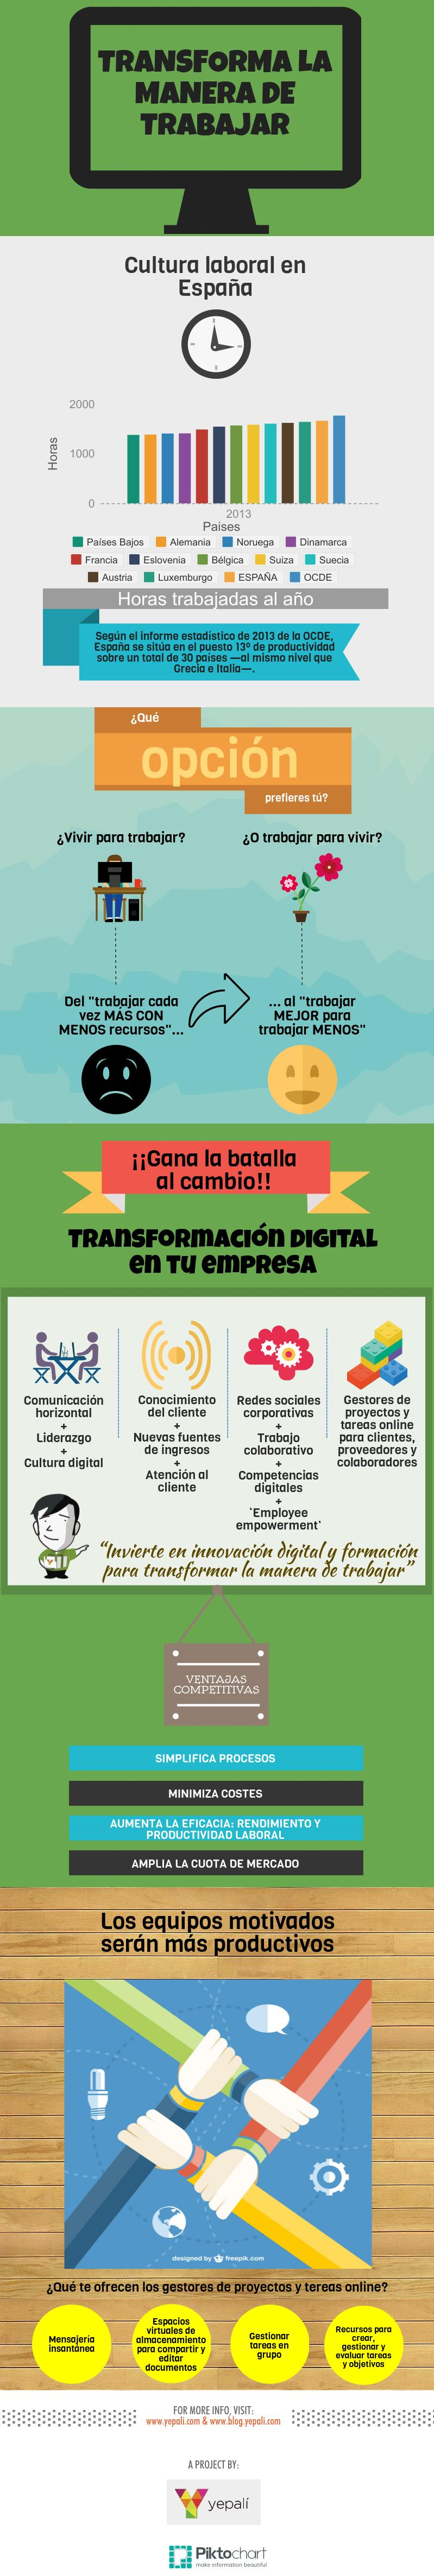 Transformación digital en el trabajo